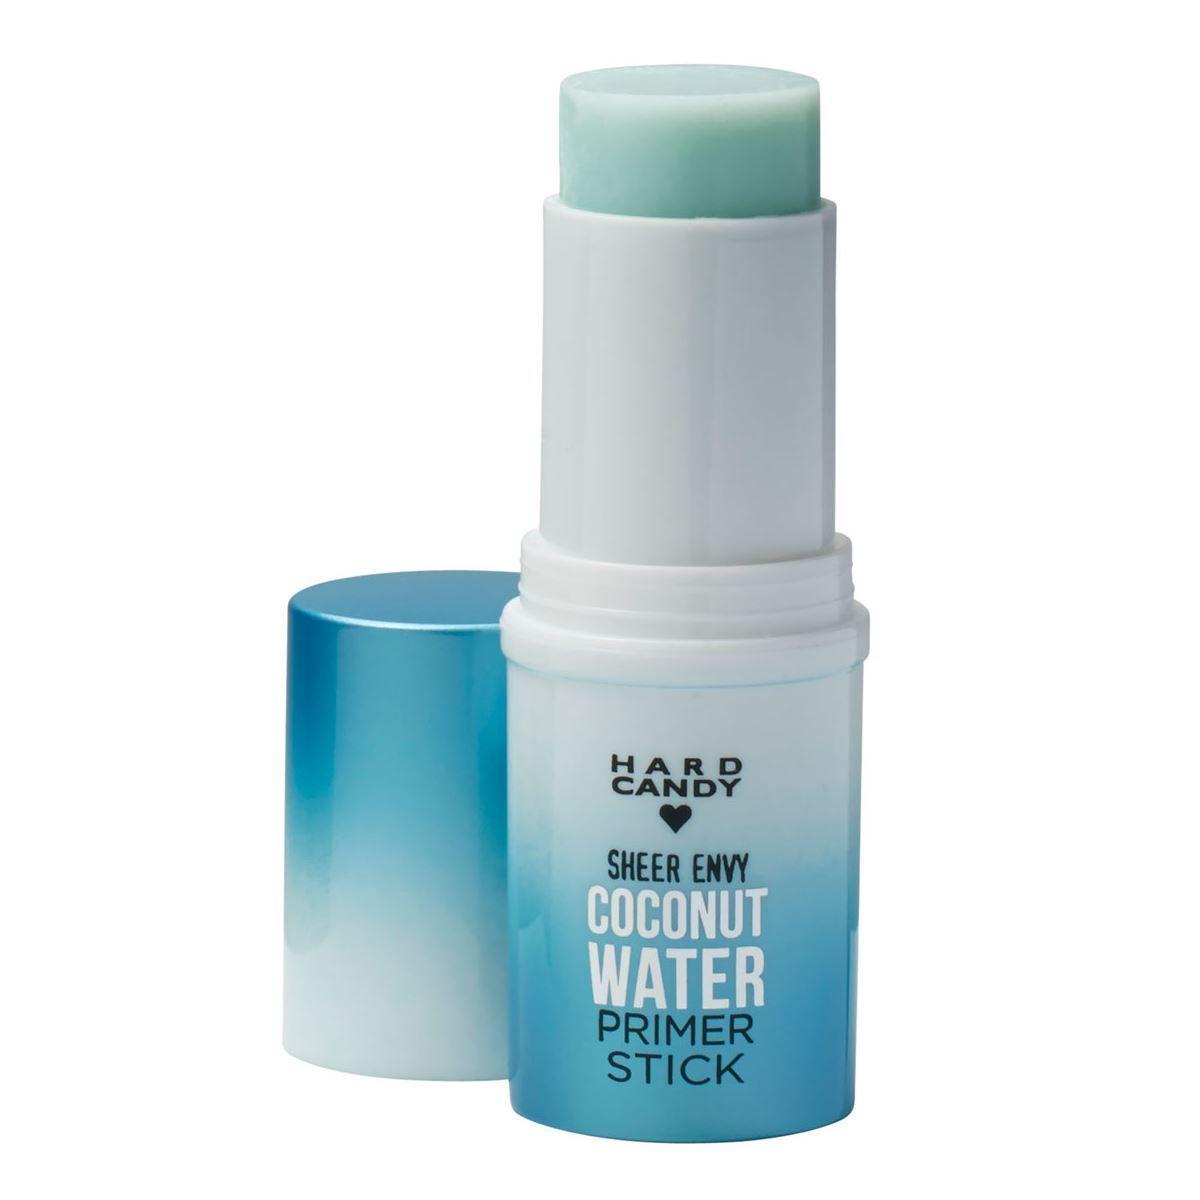 Sheer Envy Coconut Water Primer Stick